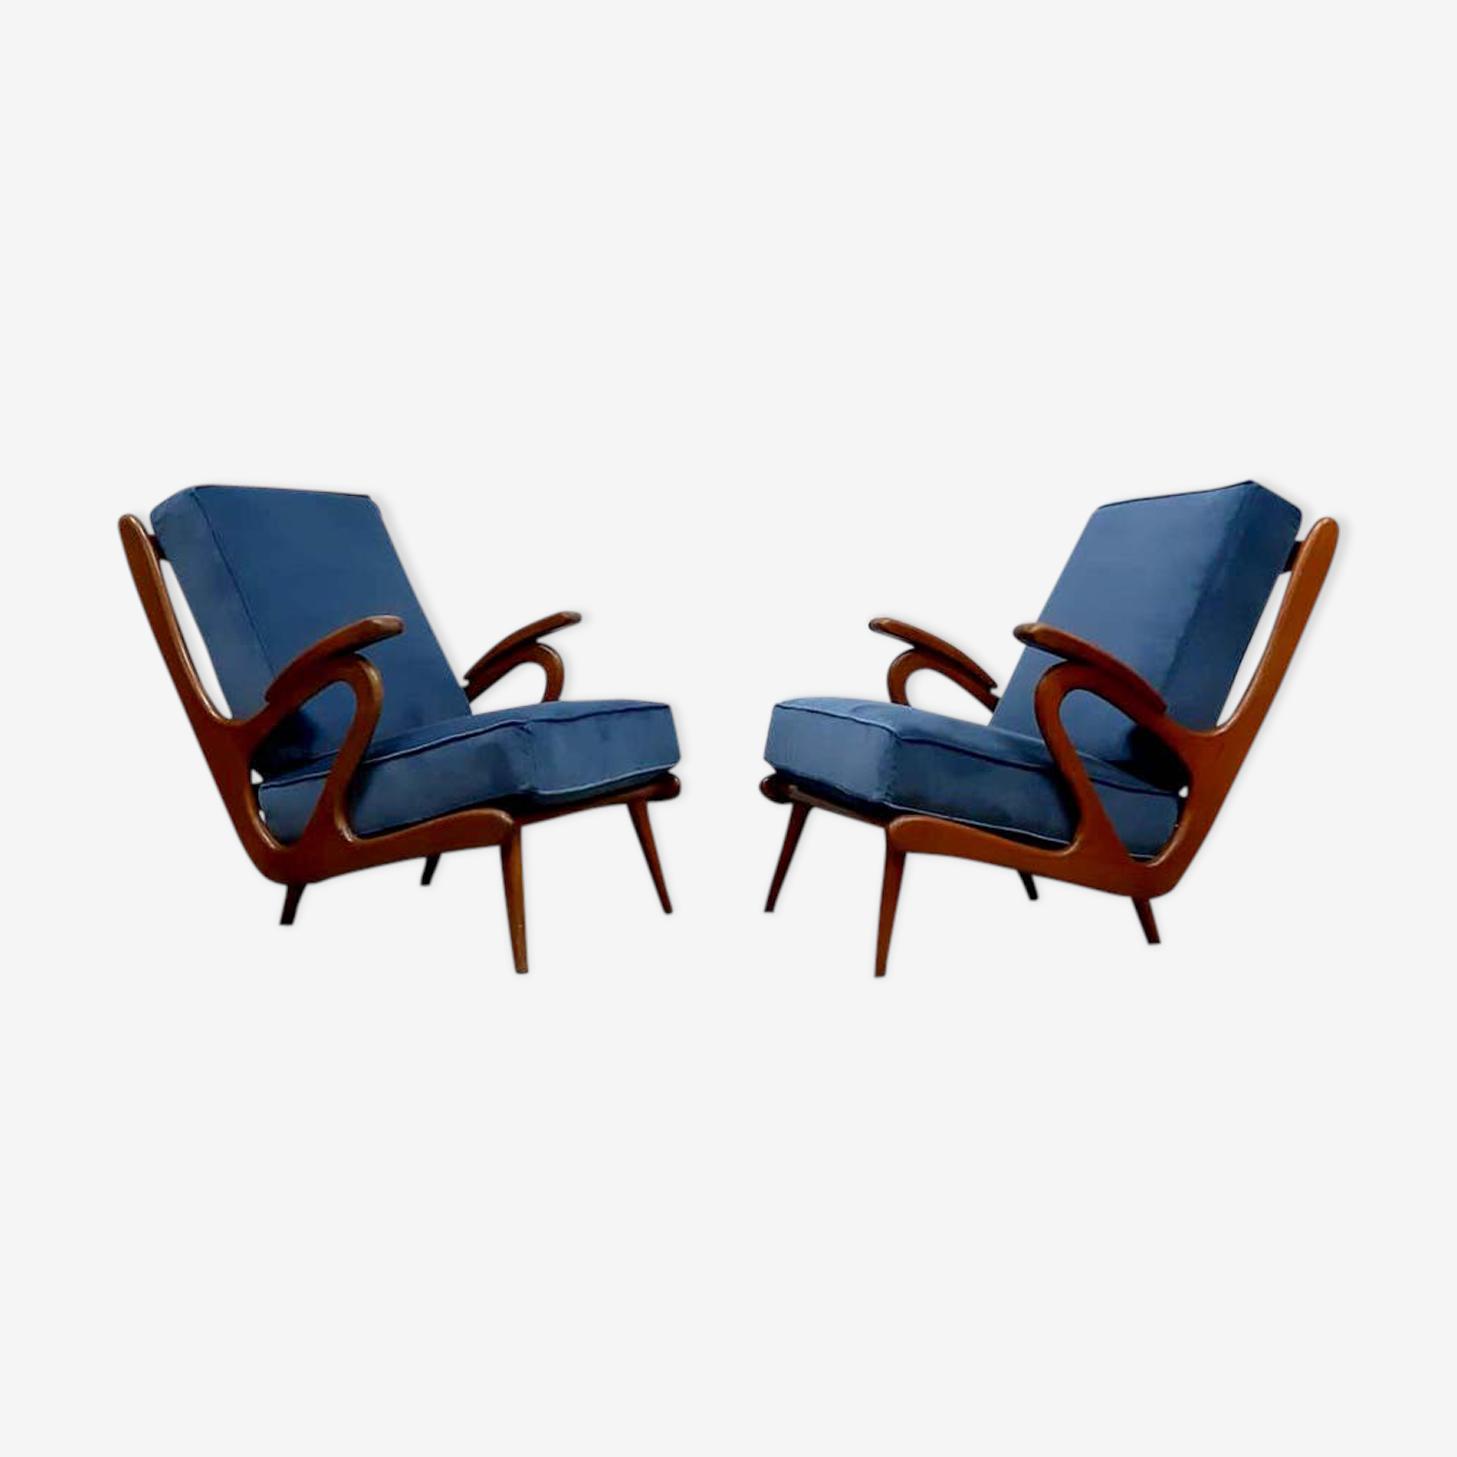 Ensemble de 2 fauteuils style années 50 des Pays-Bas